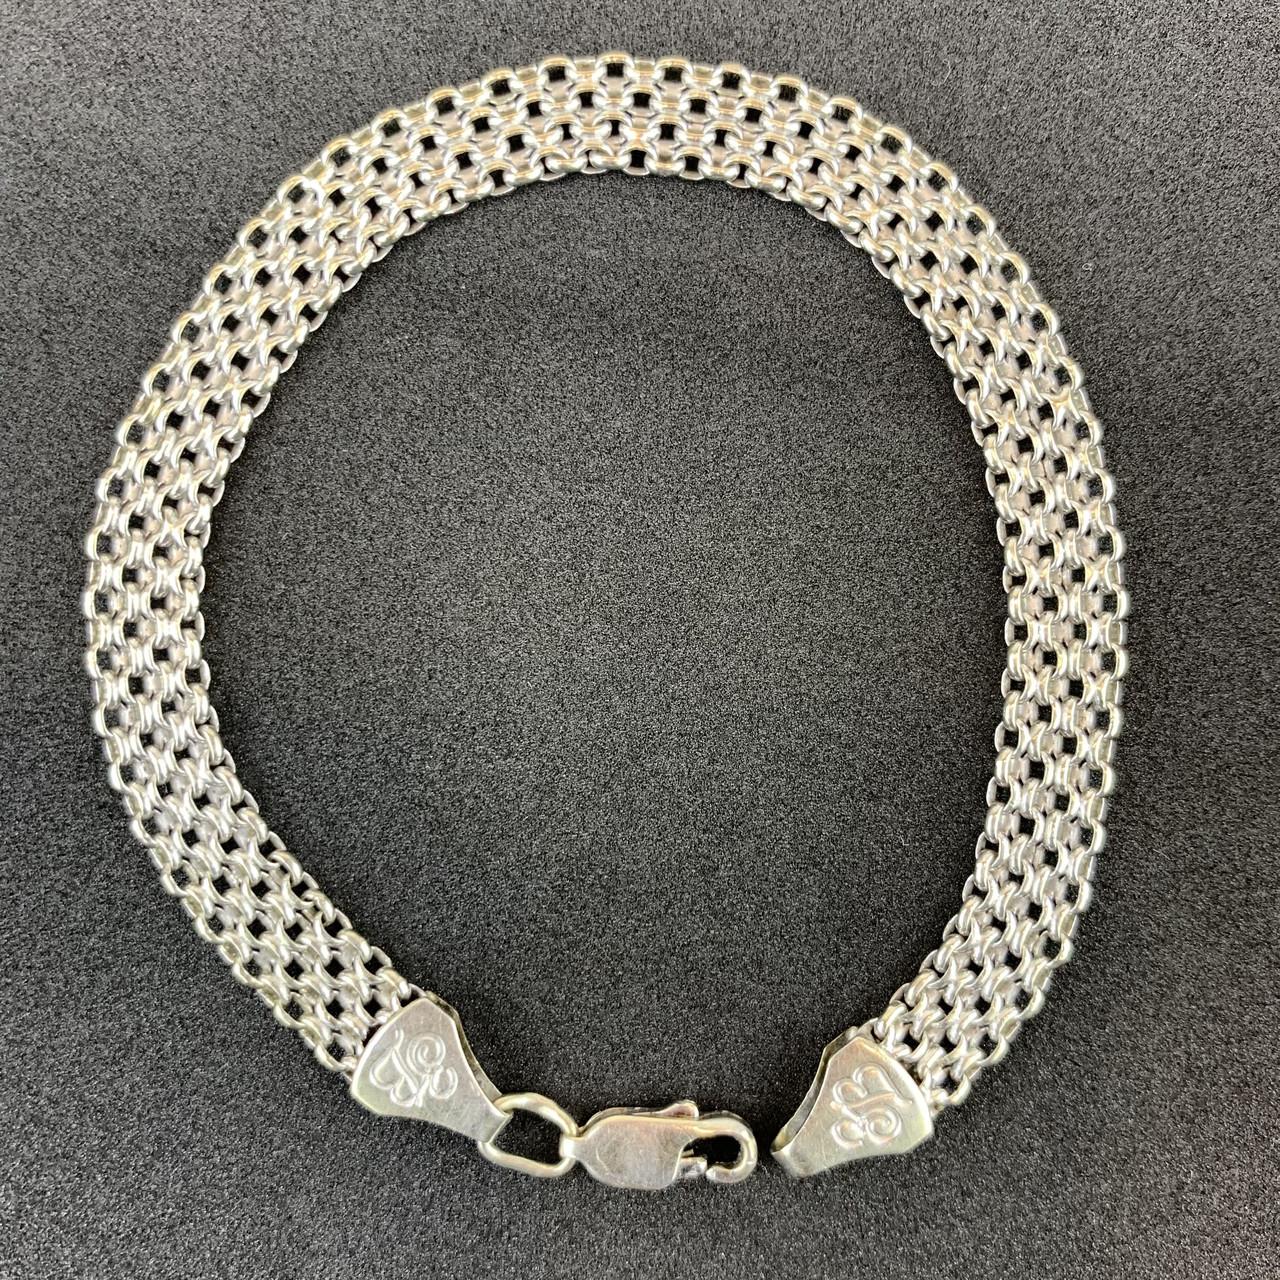 Серебряный браслет Б/У 925 пробы, плетение фантазийное, длина 19.5 см, вес 8,18 г. Серебро из ломбарда